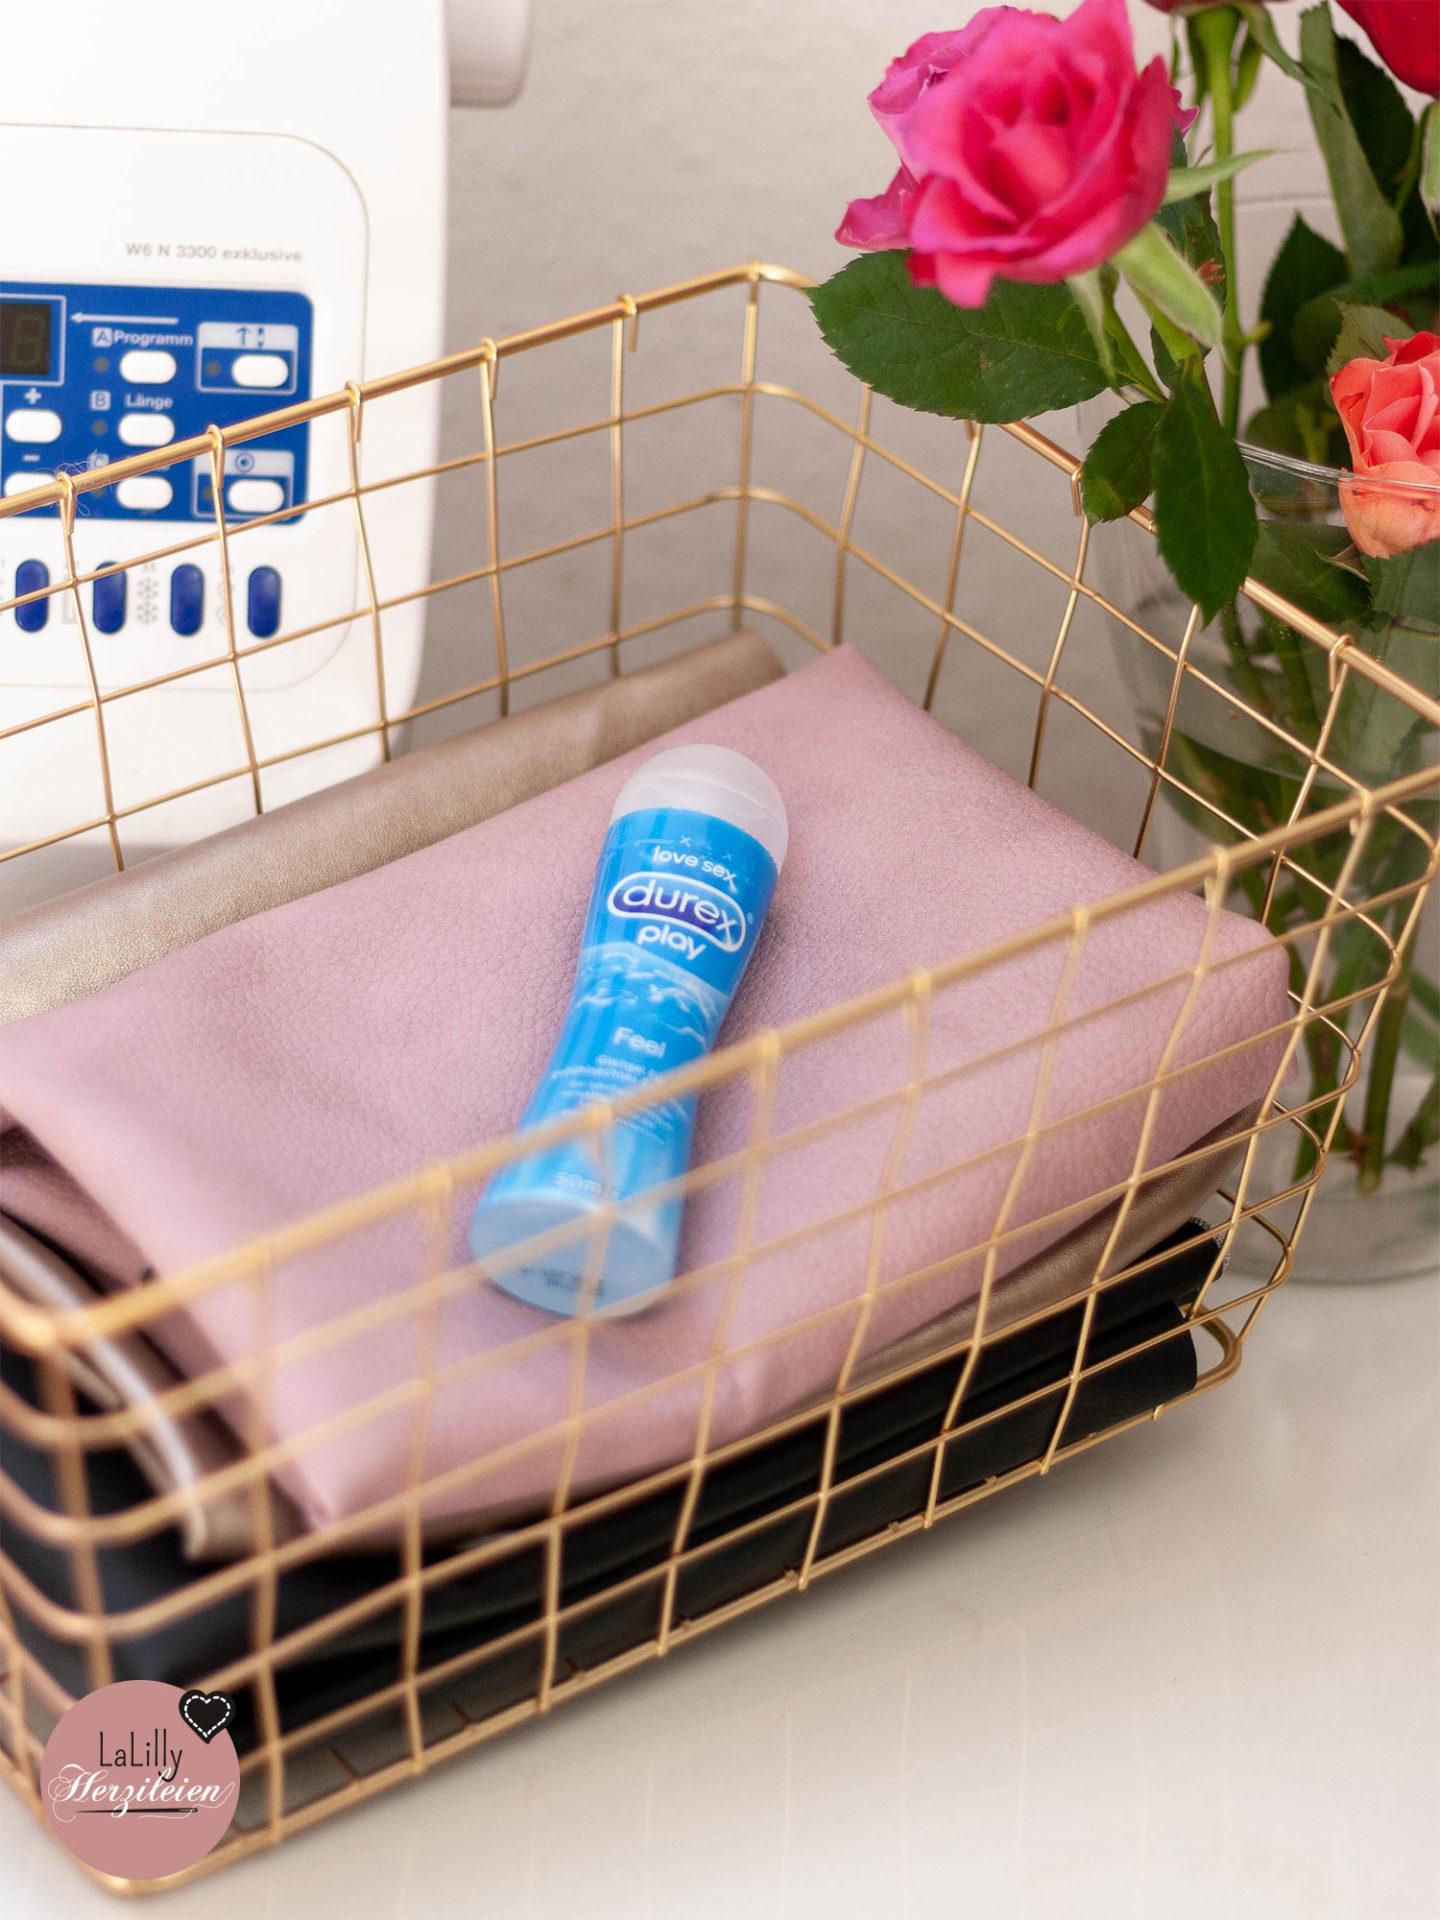 Anzeige: Gleitgel als Helfer an der Nähmaschine? Sex mit Gleitgel für 9 von 10 Frauen besser – es hilft dir aber auch beim Vernähen von Kunstleder, Wachstuch & Co. Am Beispiel meiner Bucketbag Amabel, deren Kunstleder schwer zu vernähen war, zeige ich dir, wie dir Gleitgel an der Nähmaschine helfen kann und welches Durex Gleitgel mein Favorit für diesen Zweck ist!